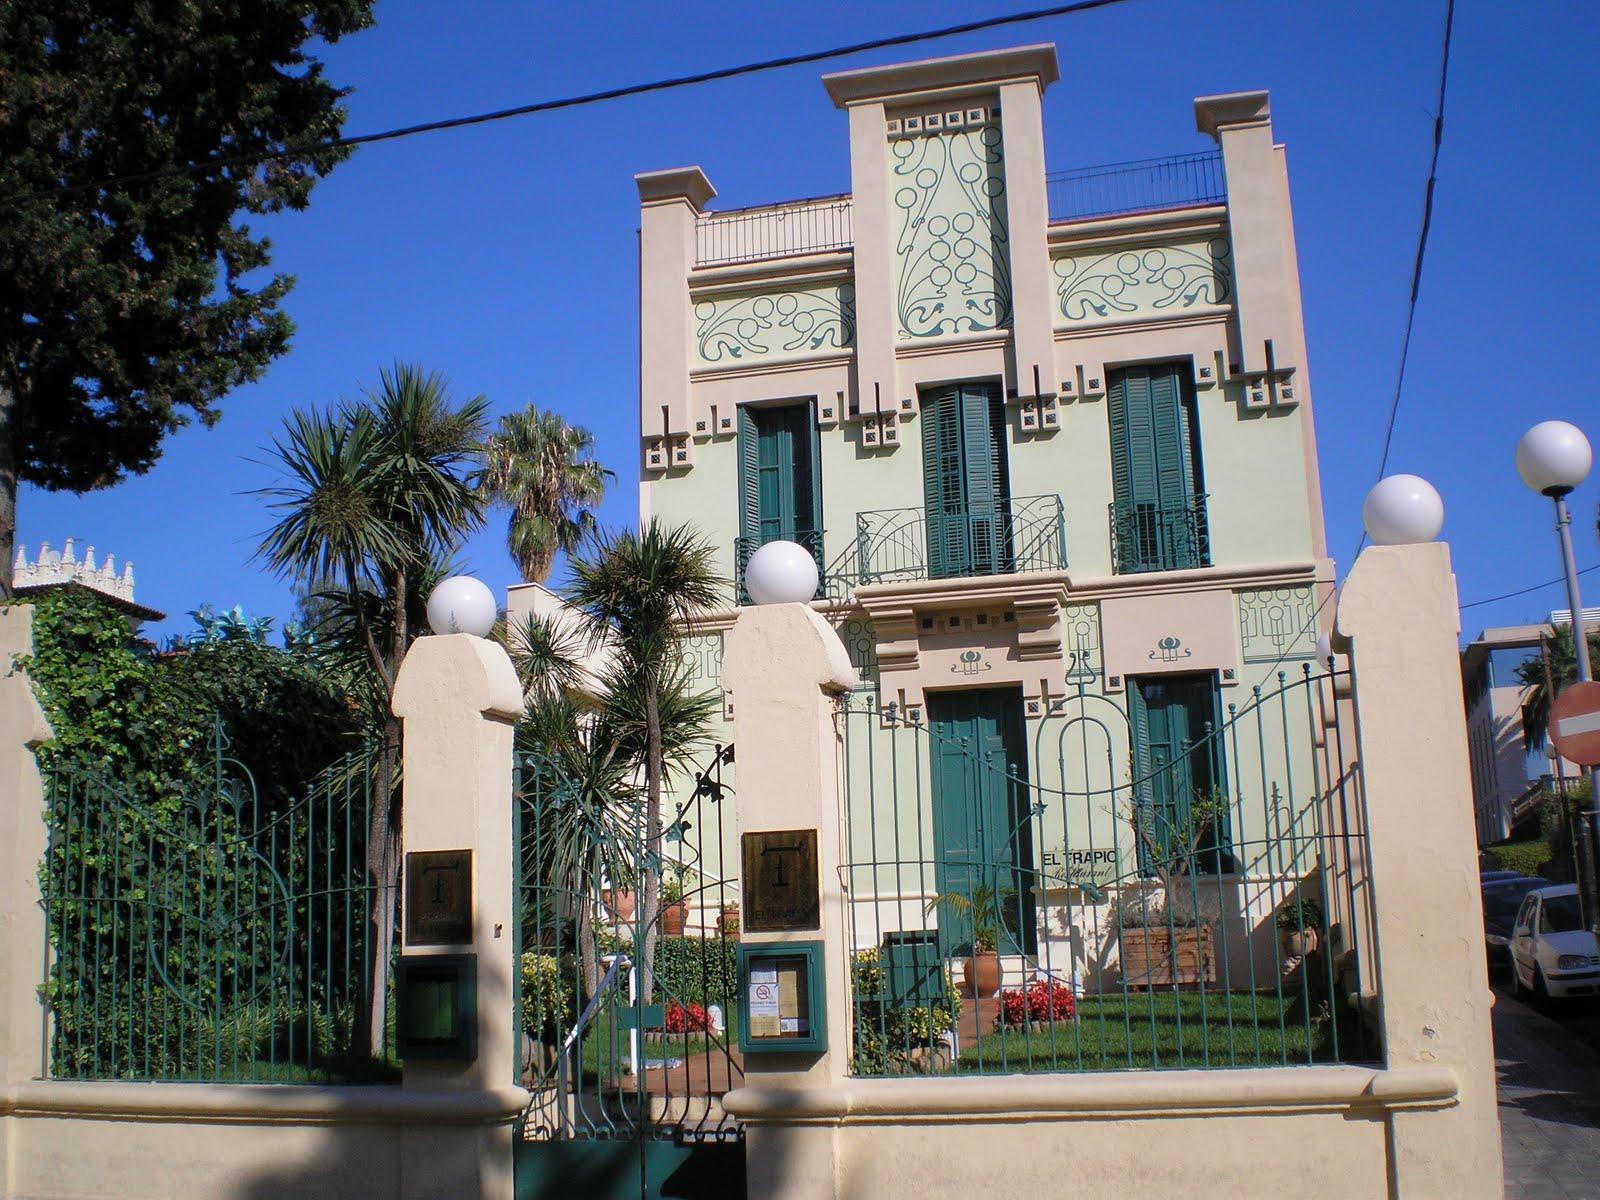 Belleza de pandora casas con jard n en el barrio de la - Casa con jardin barcelona ...